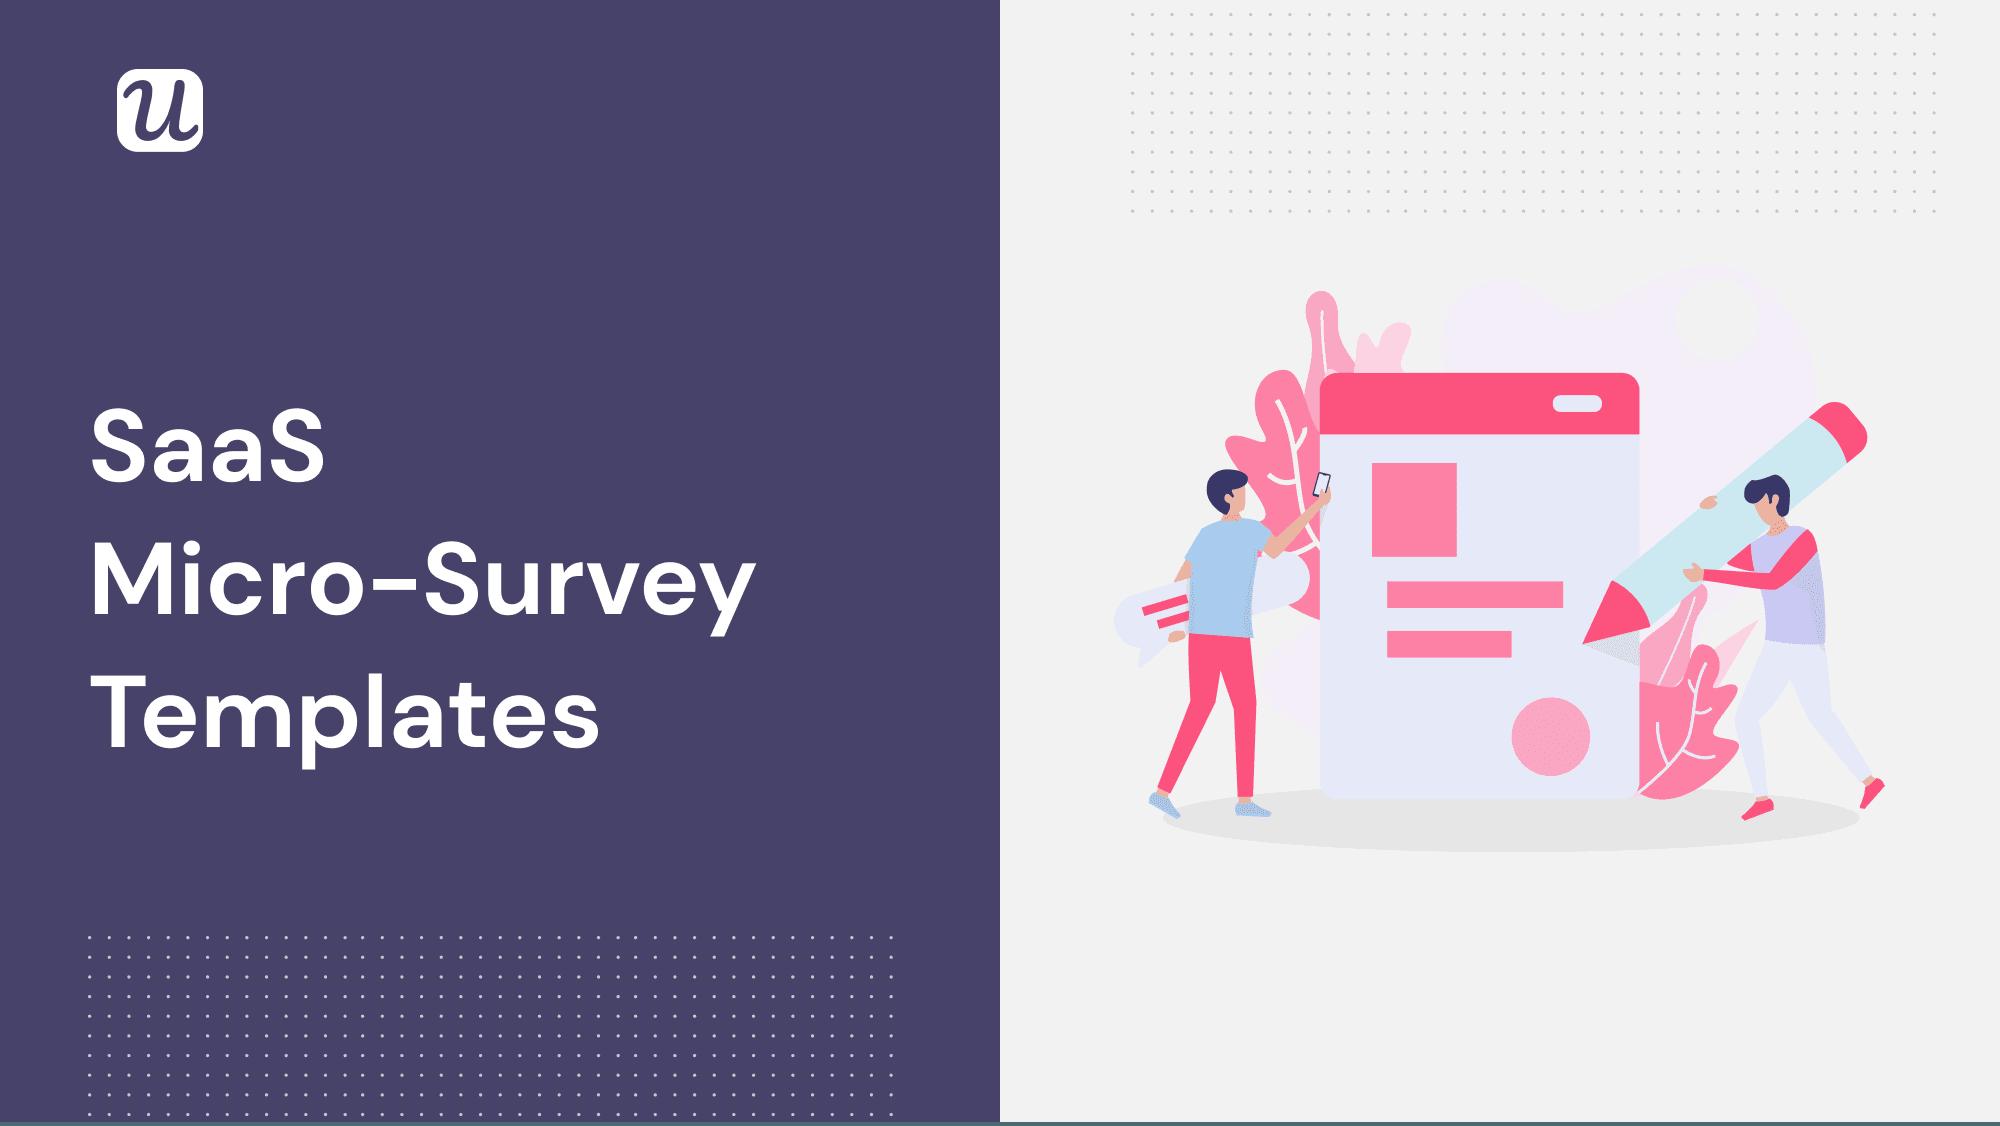 SaaS micro-survey templates